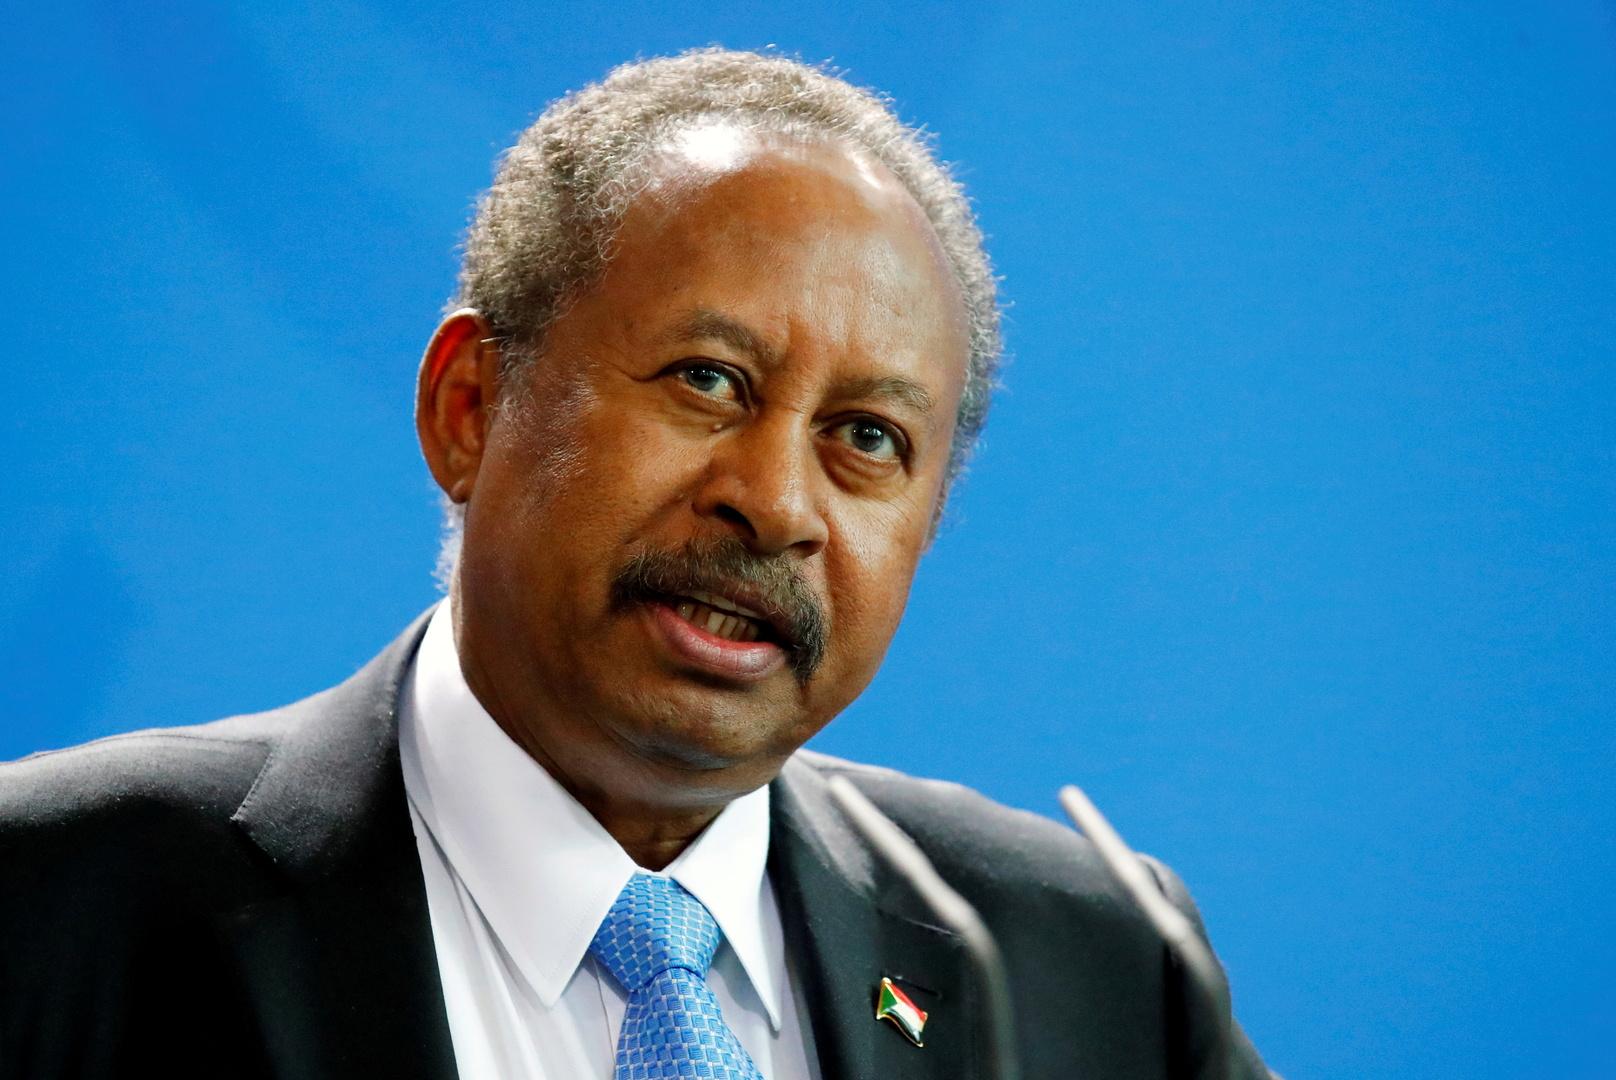 رئيس الوزراء السوداني: الصراع في بلادنا ليس بين عسكريين ومدنيين